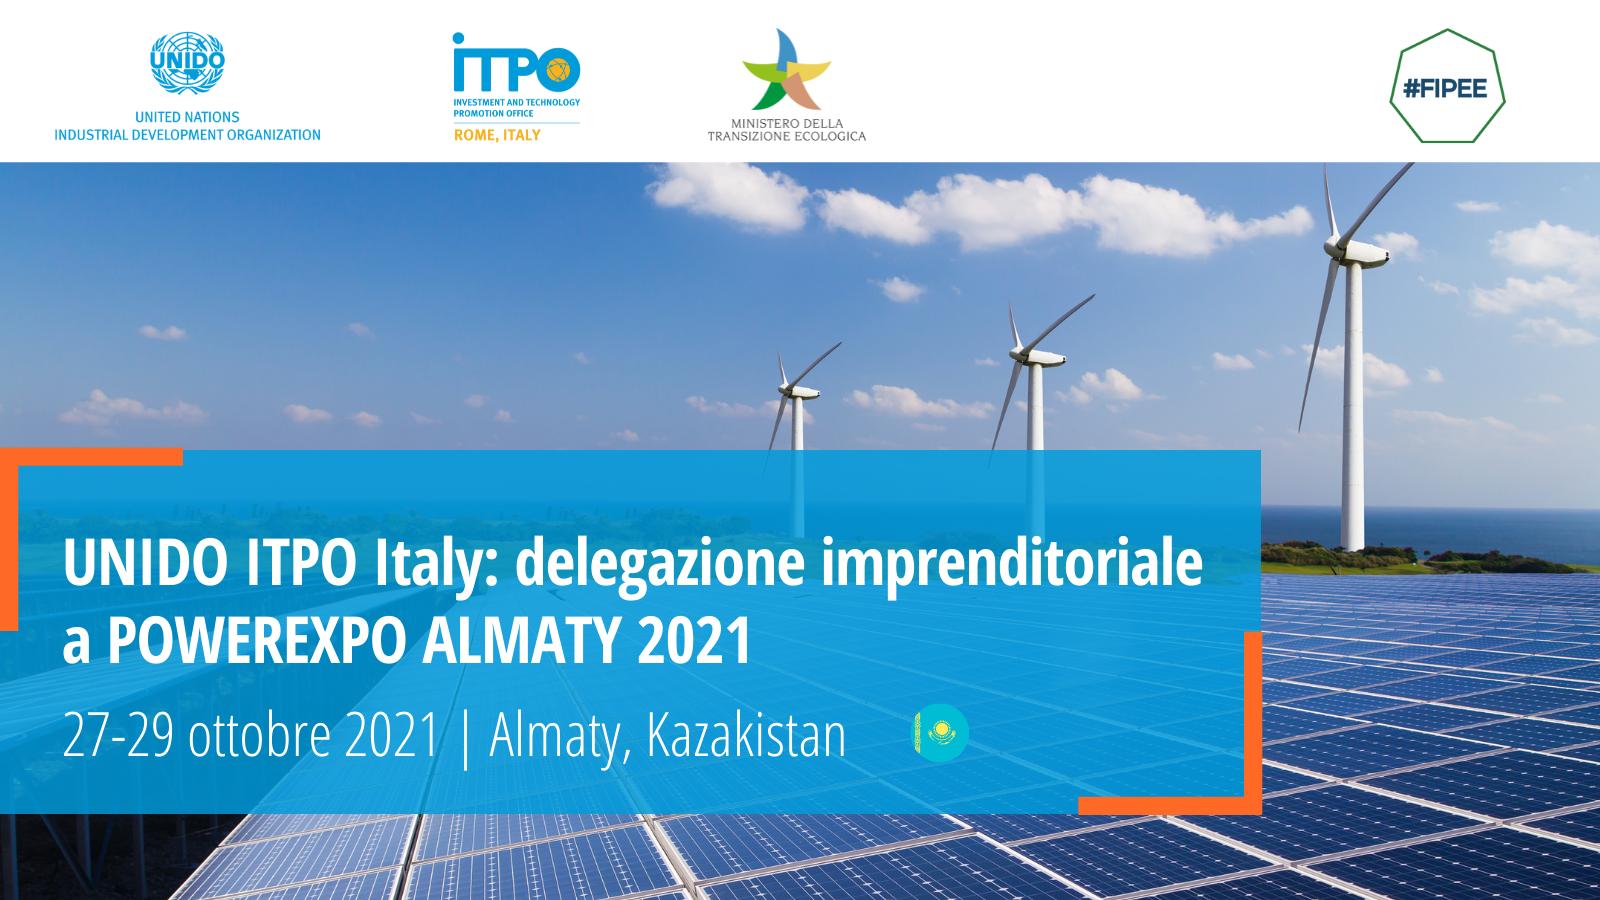 UNIDO ITPO Italy organizes business delegation at Powerexpo Almaty 2021